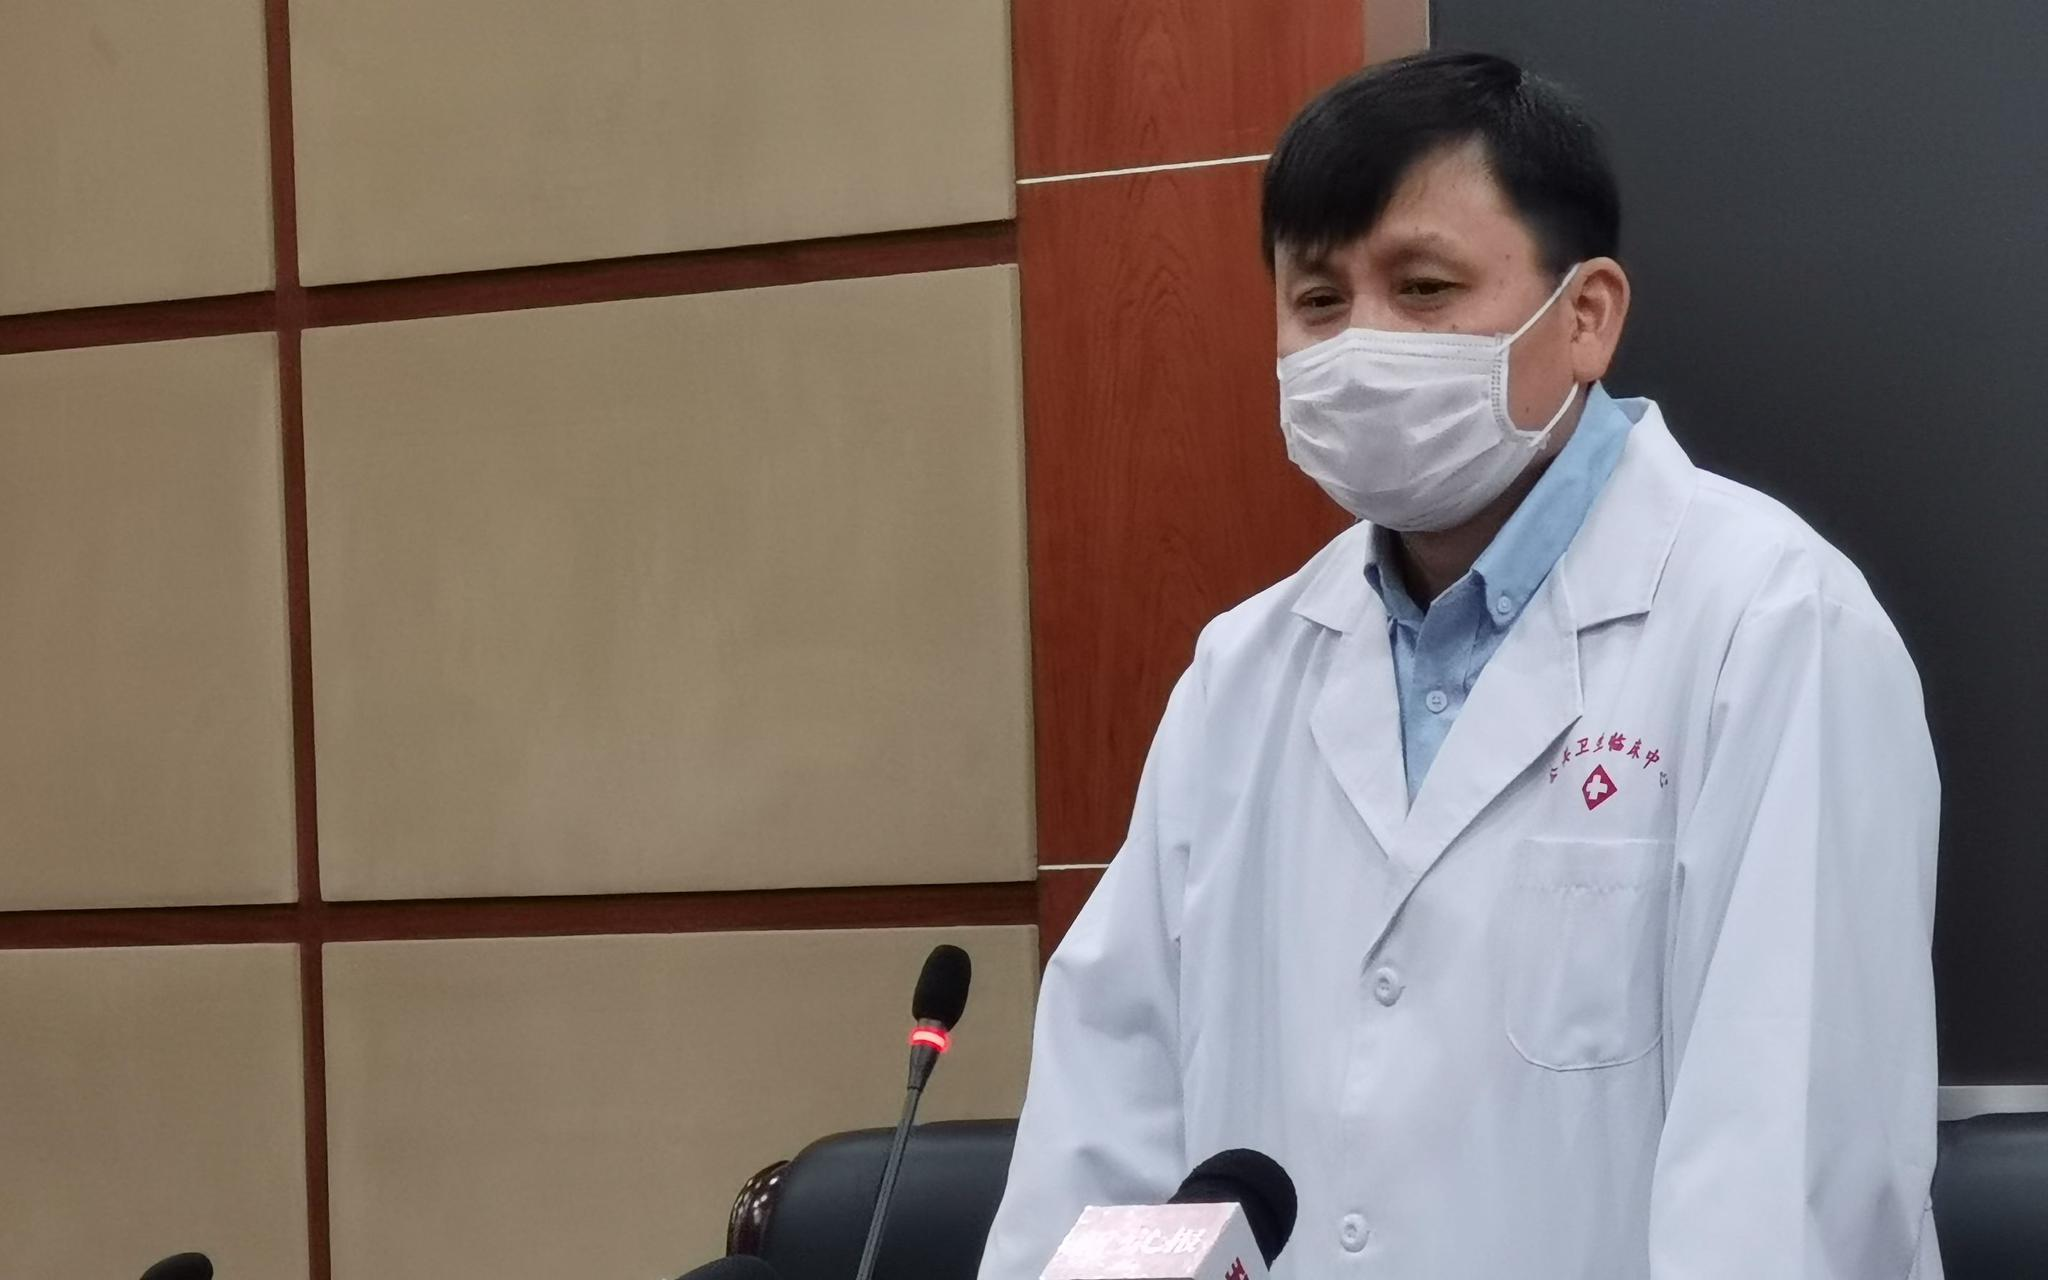 张文宏谈血浆疗法:可促重症病人转阴,只是治疗的一部分图片